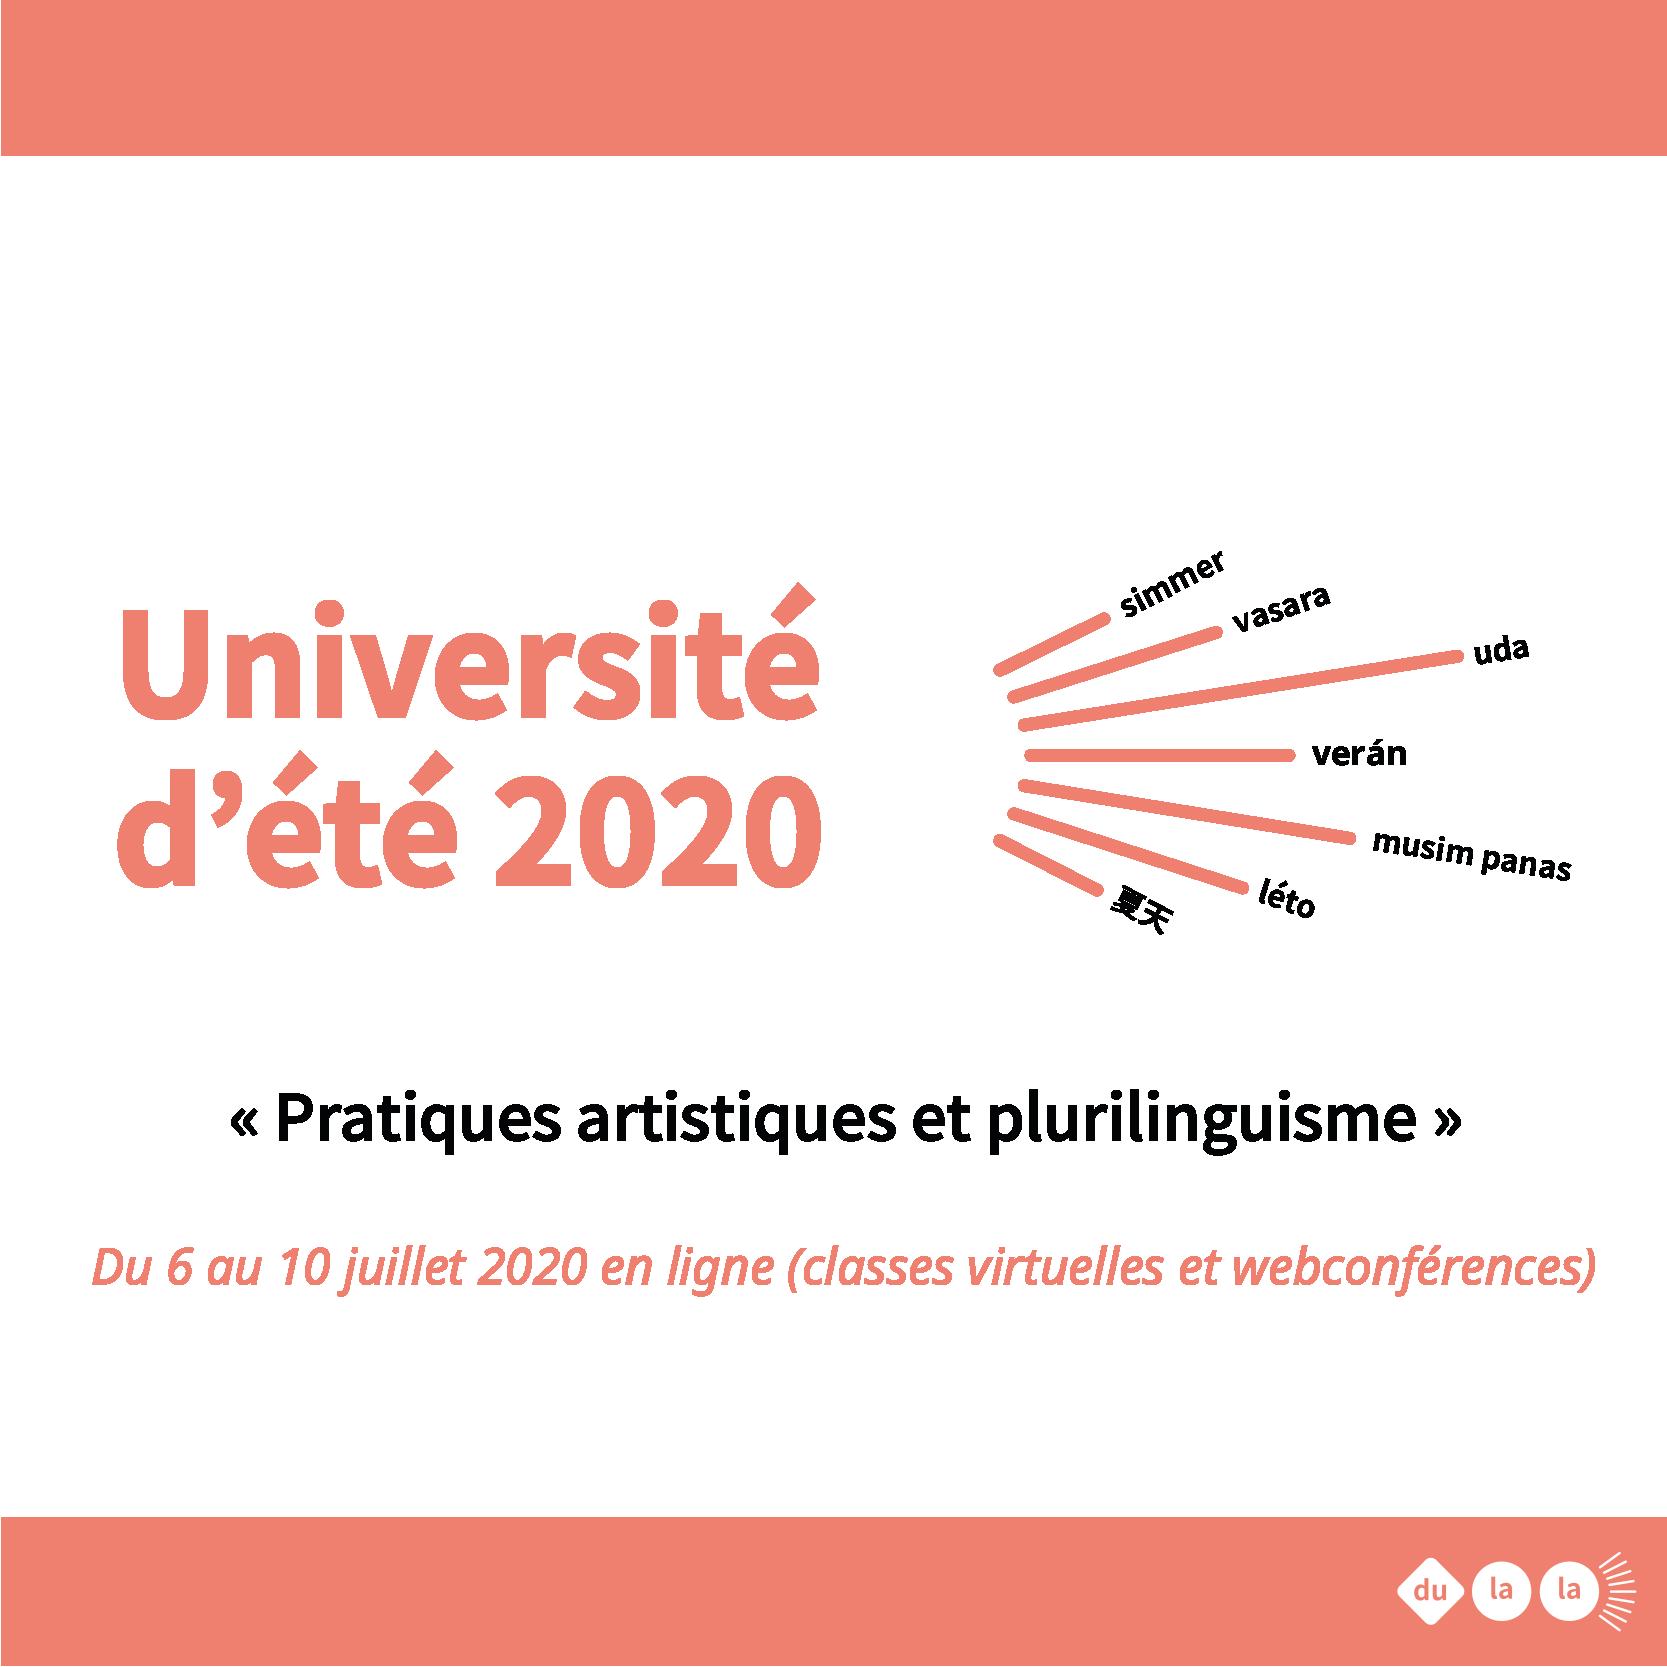 Université été 2020 en ligne